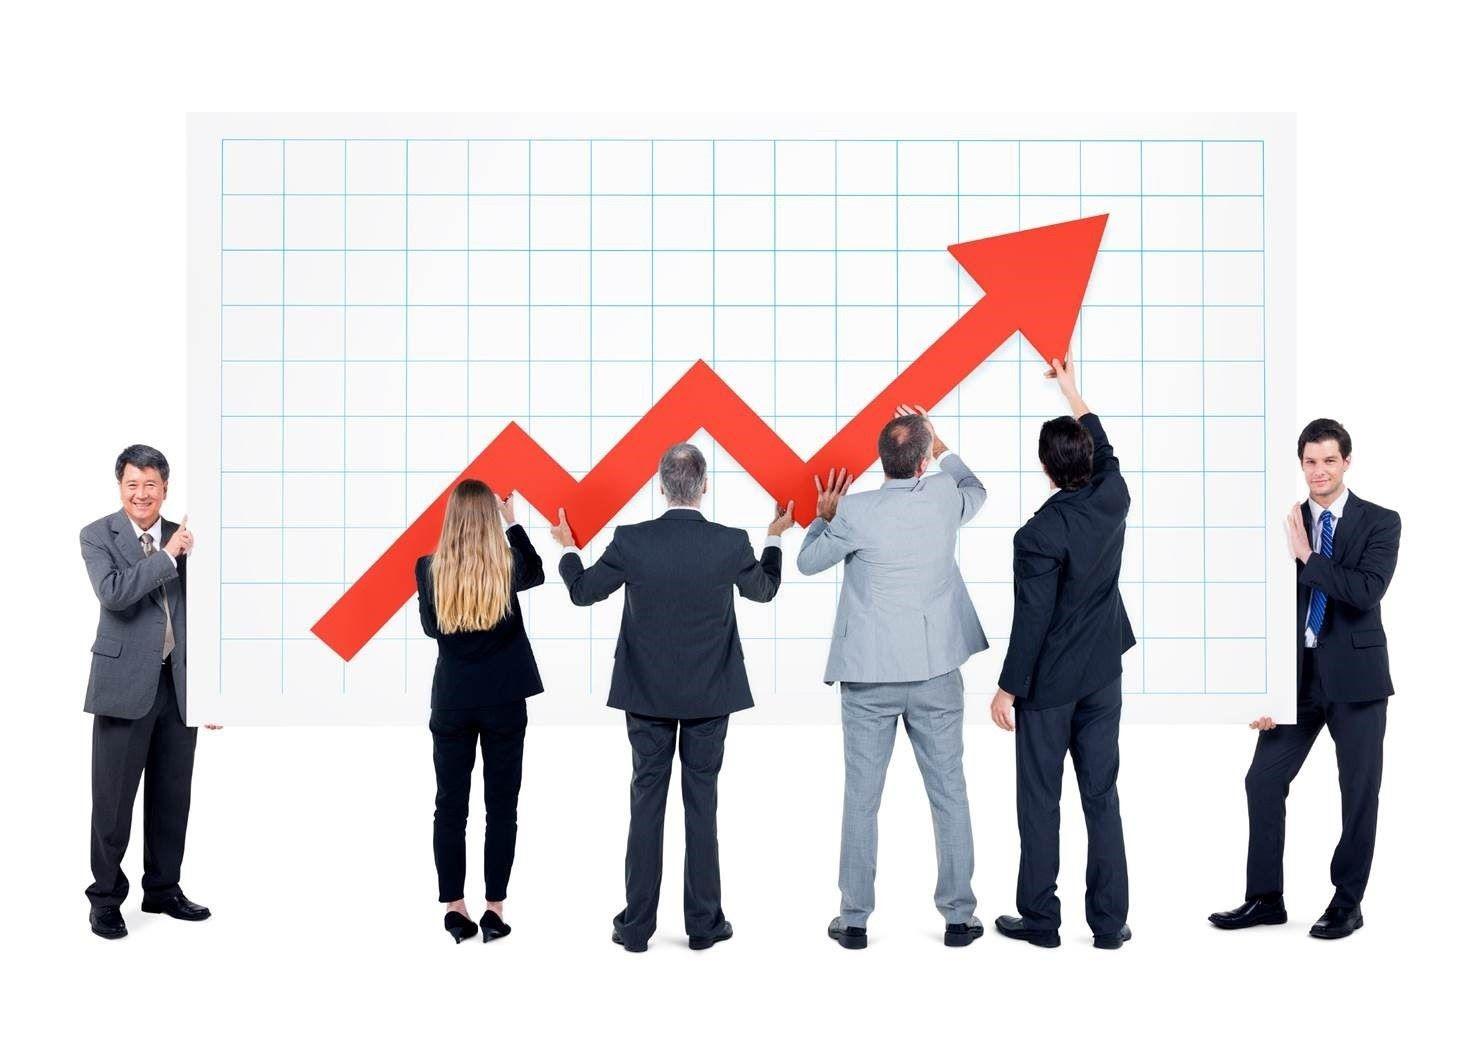 8 lời khuyên giúp phát triển doanh nghiệp thành công.